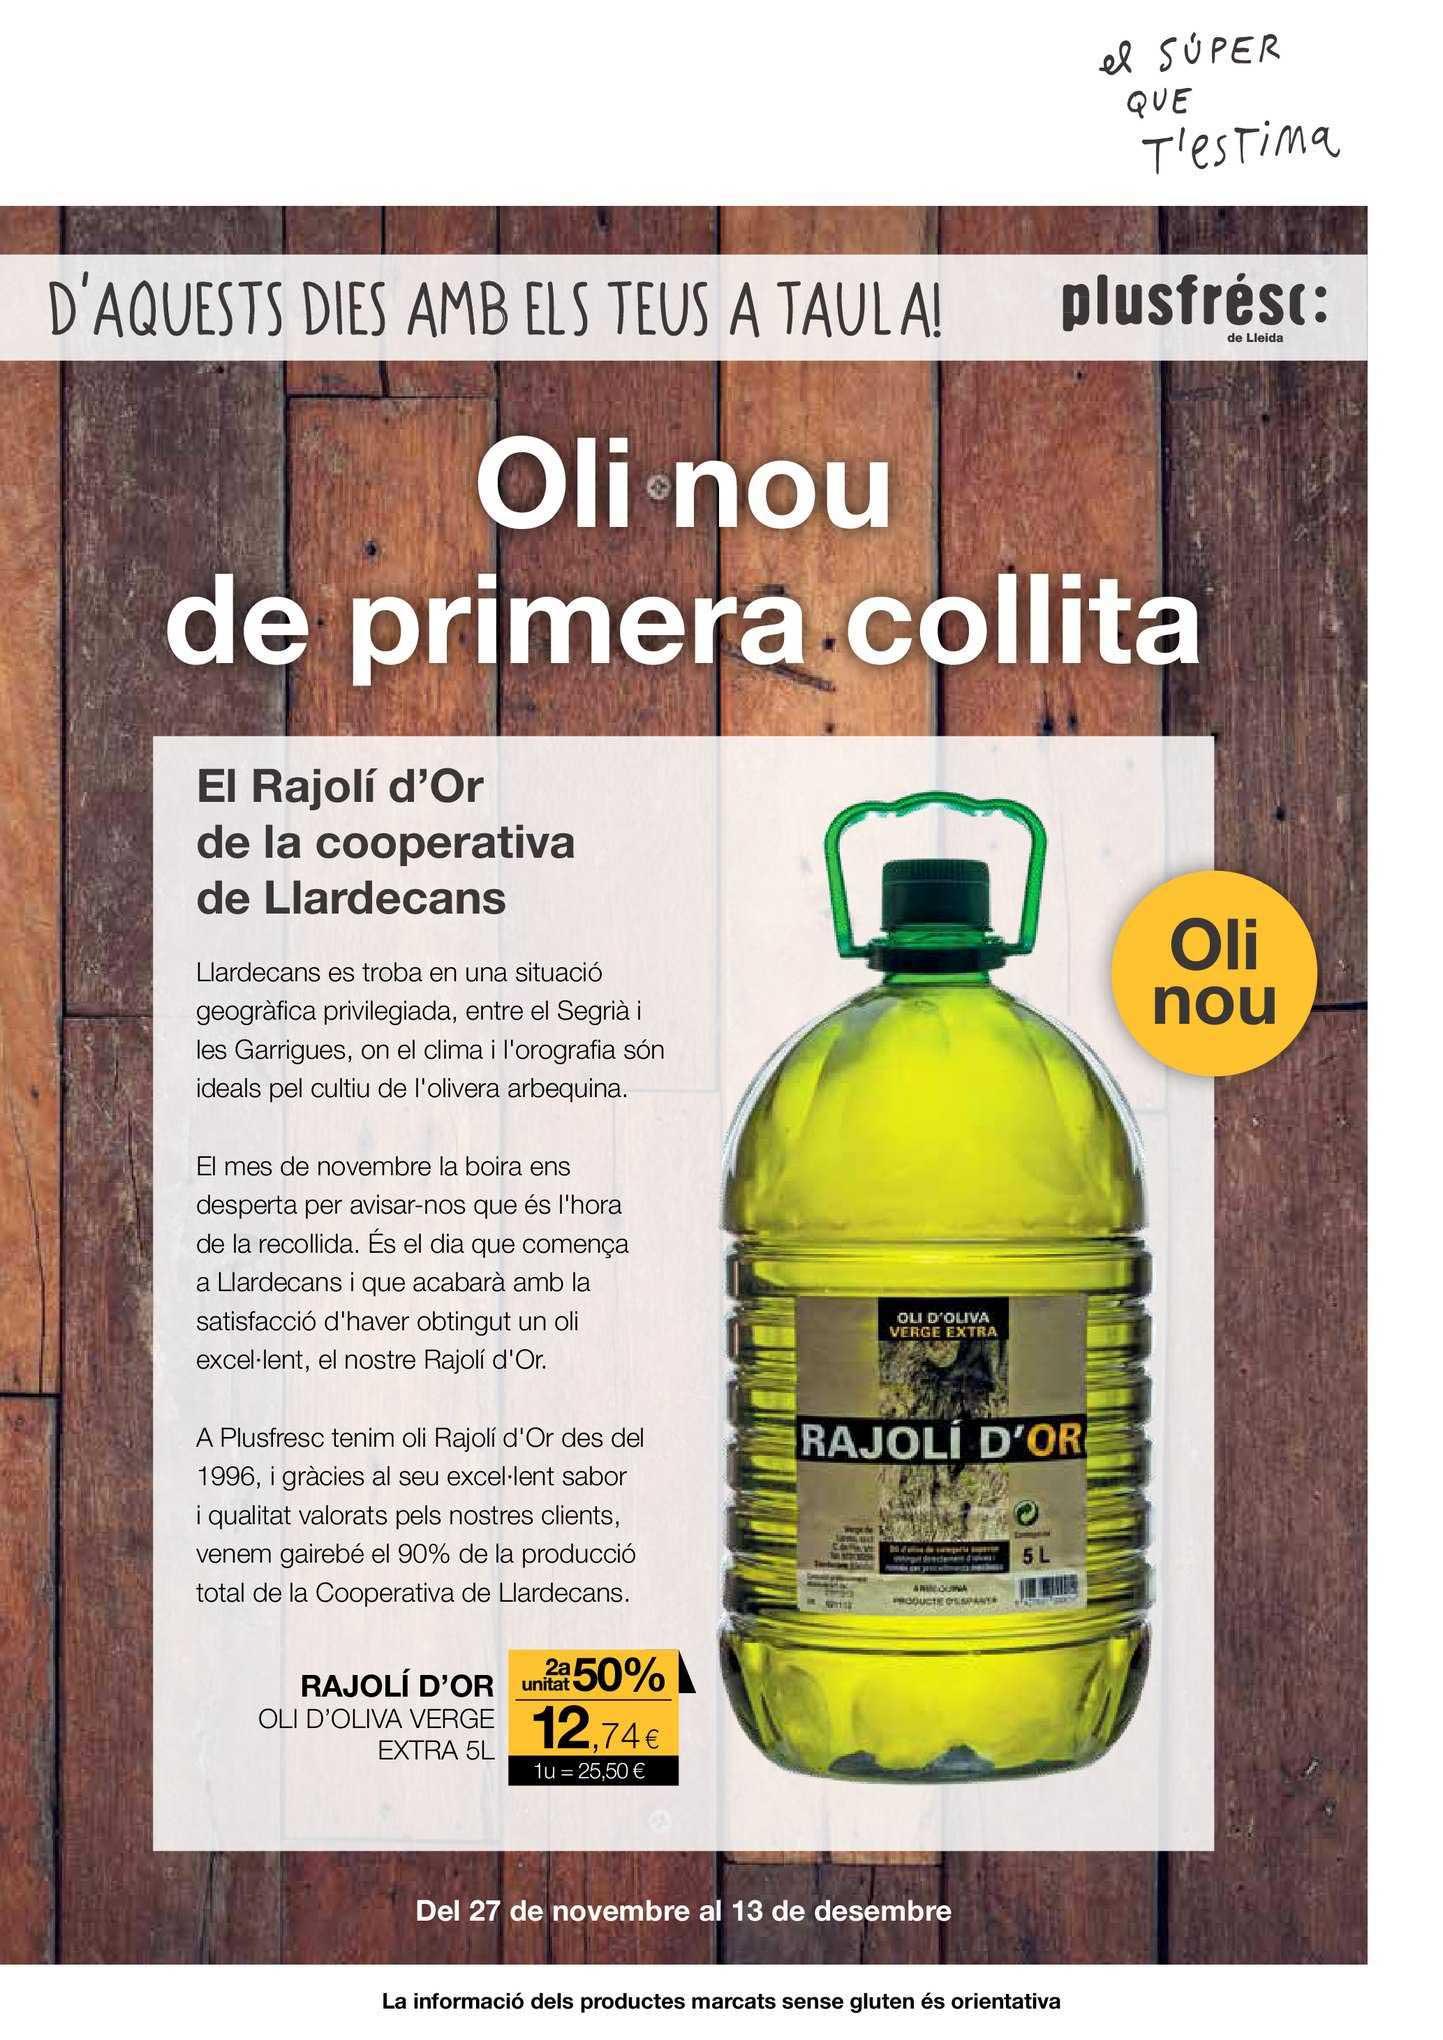 Plusfresc Rajolí D'or